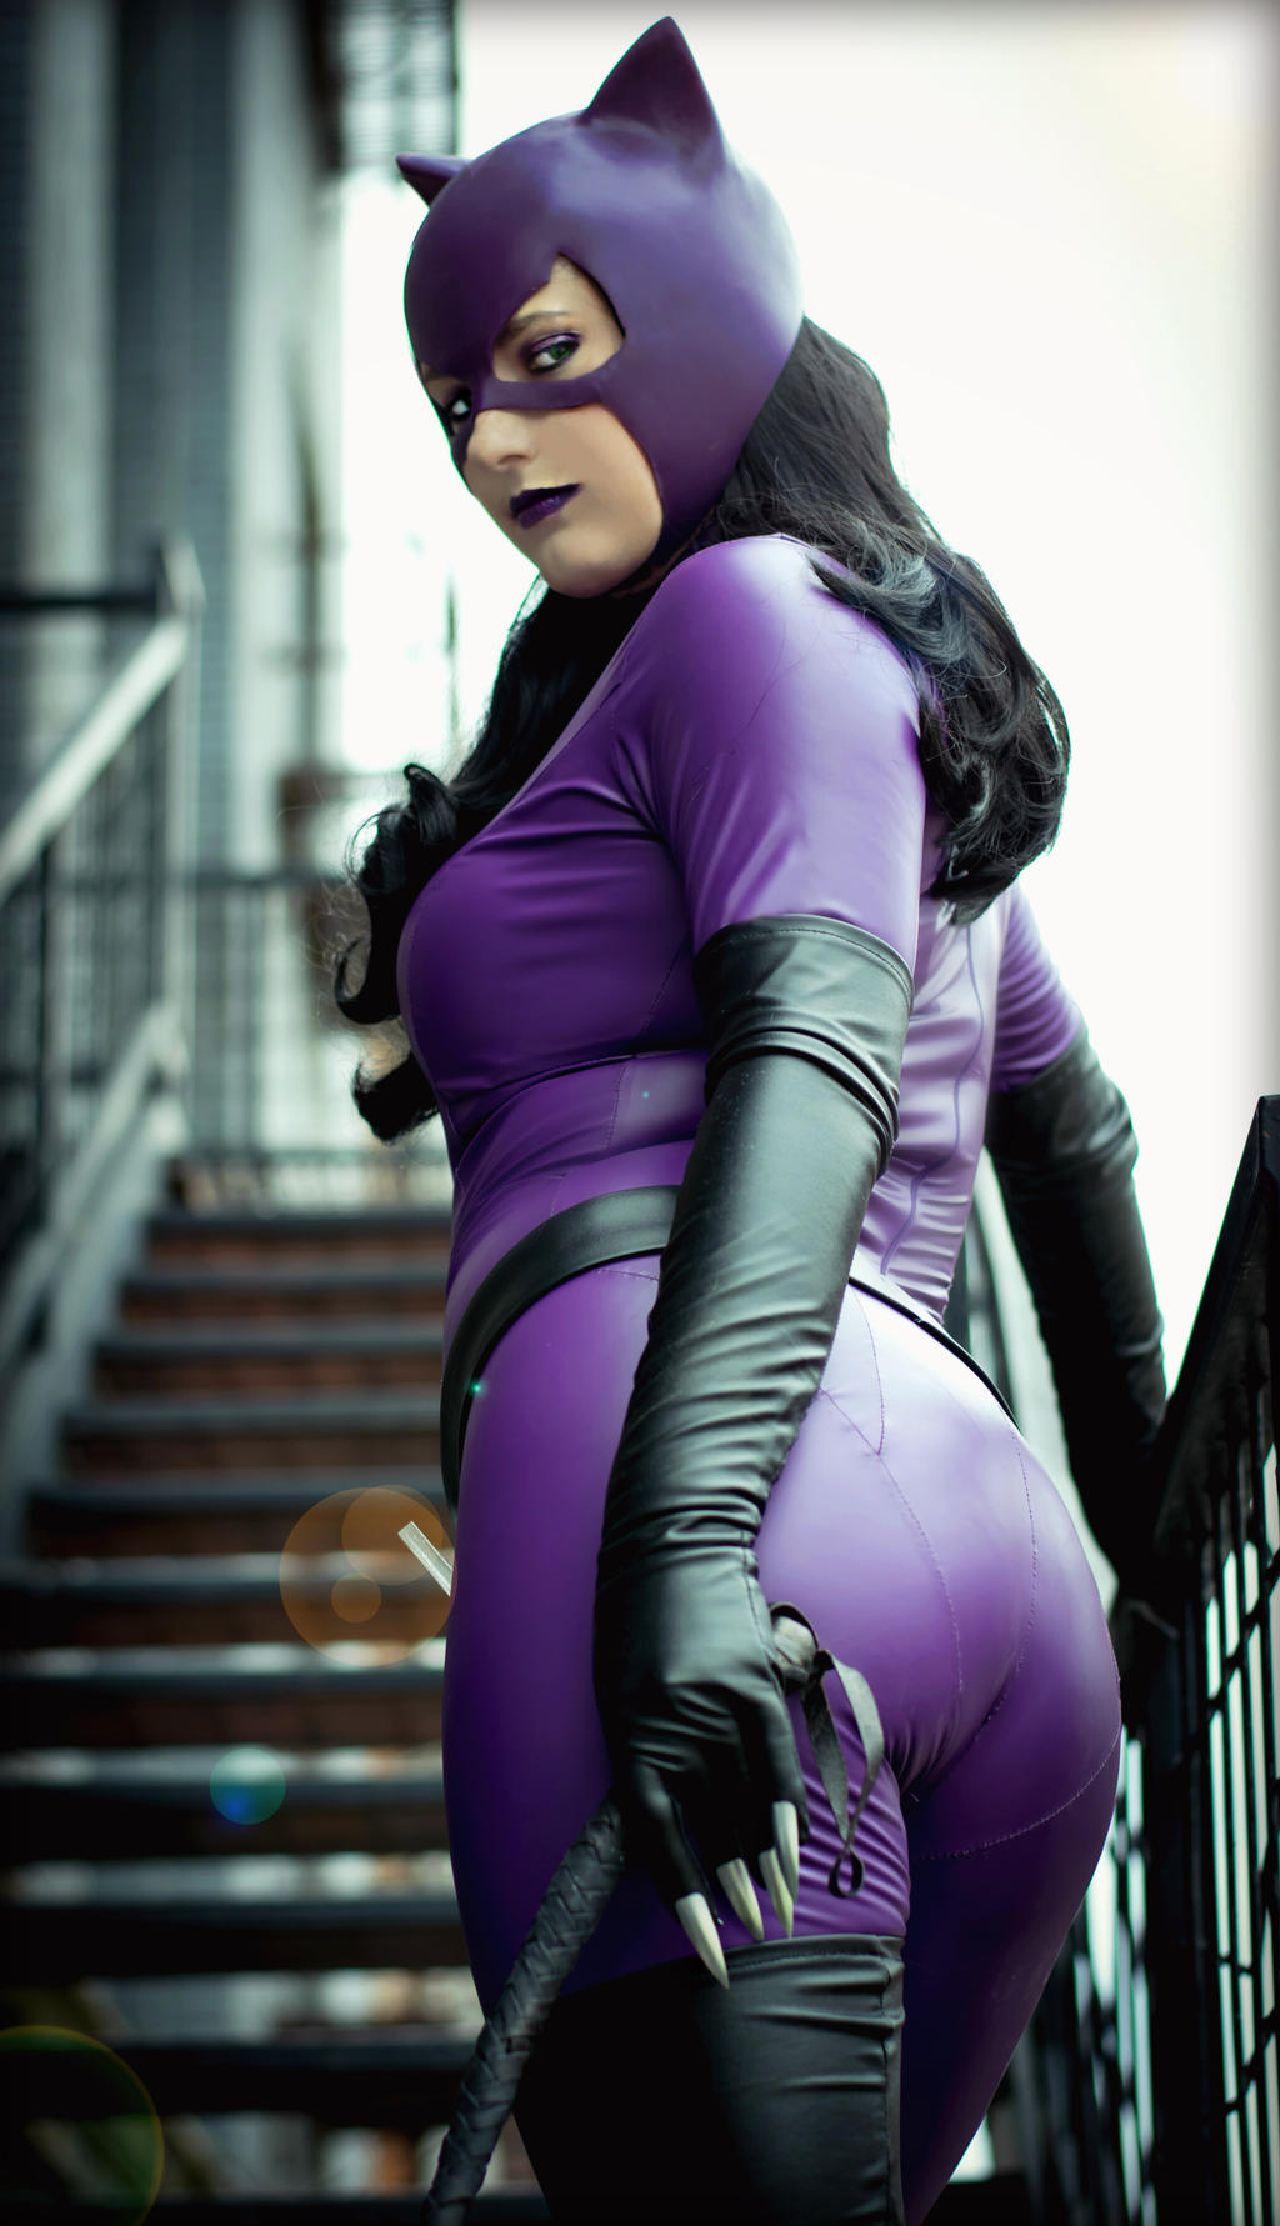 personajes de dc comics cosplay